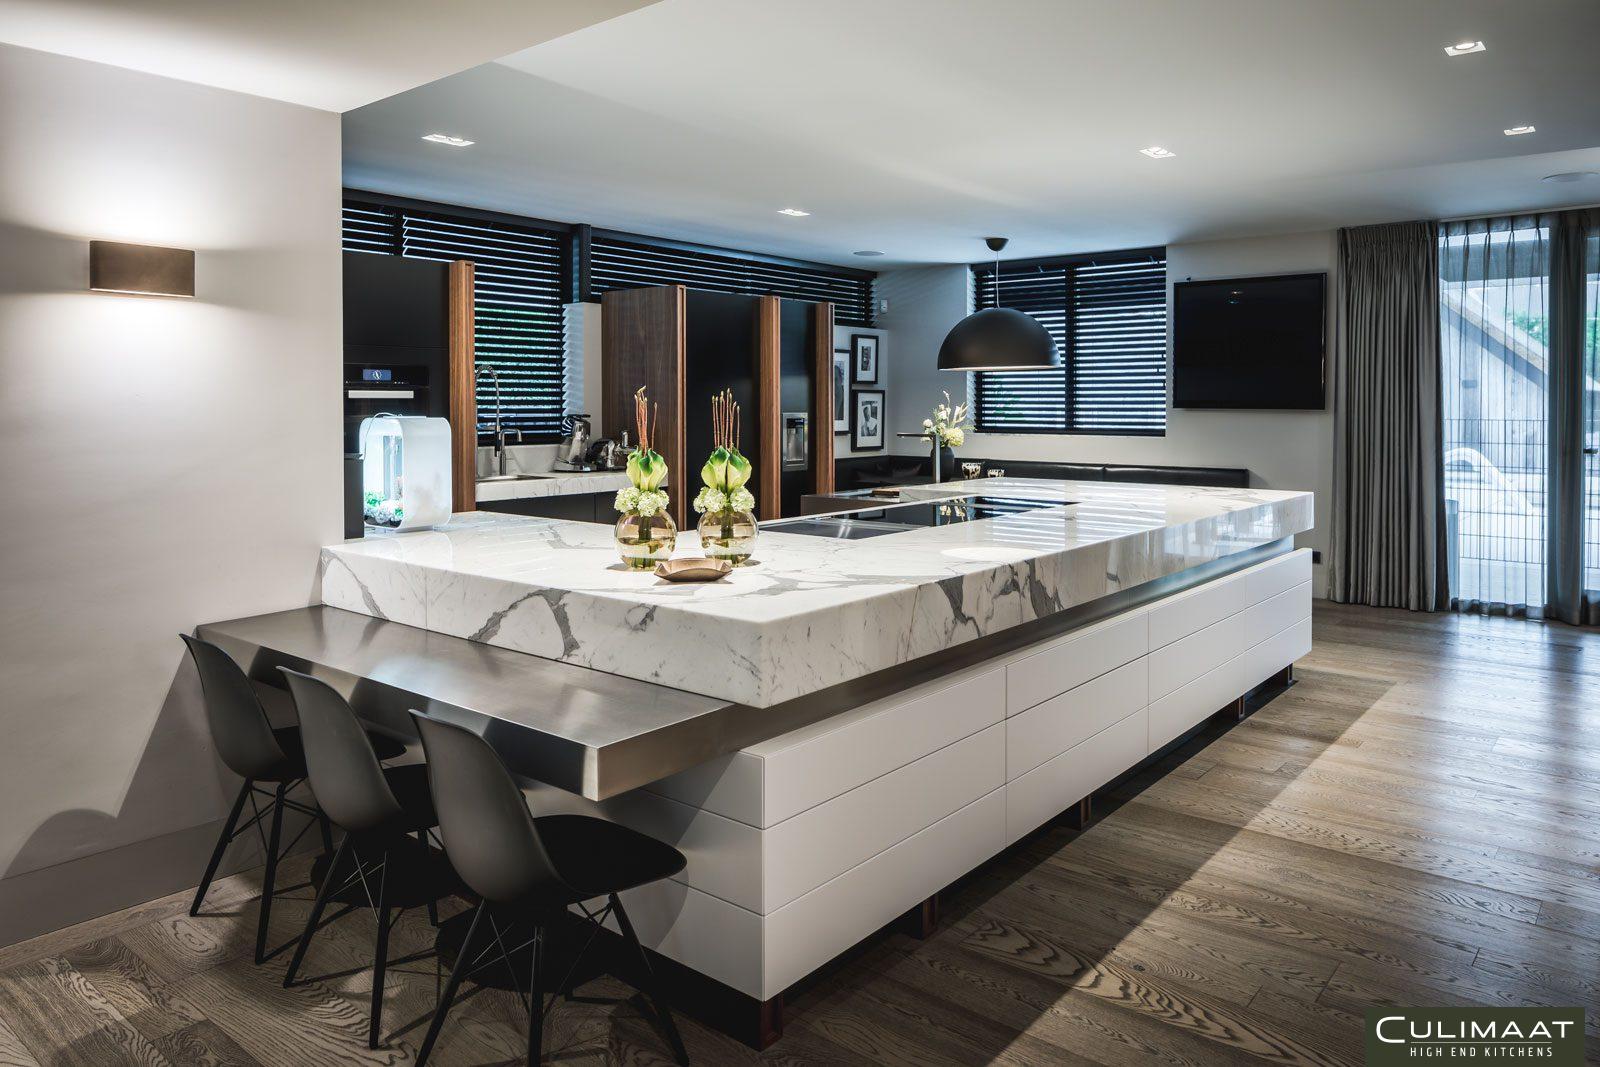 Luxe keuken, culimaat, marmer, leefkeuken, luxe uitstraling,